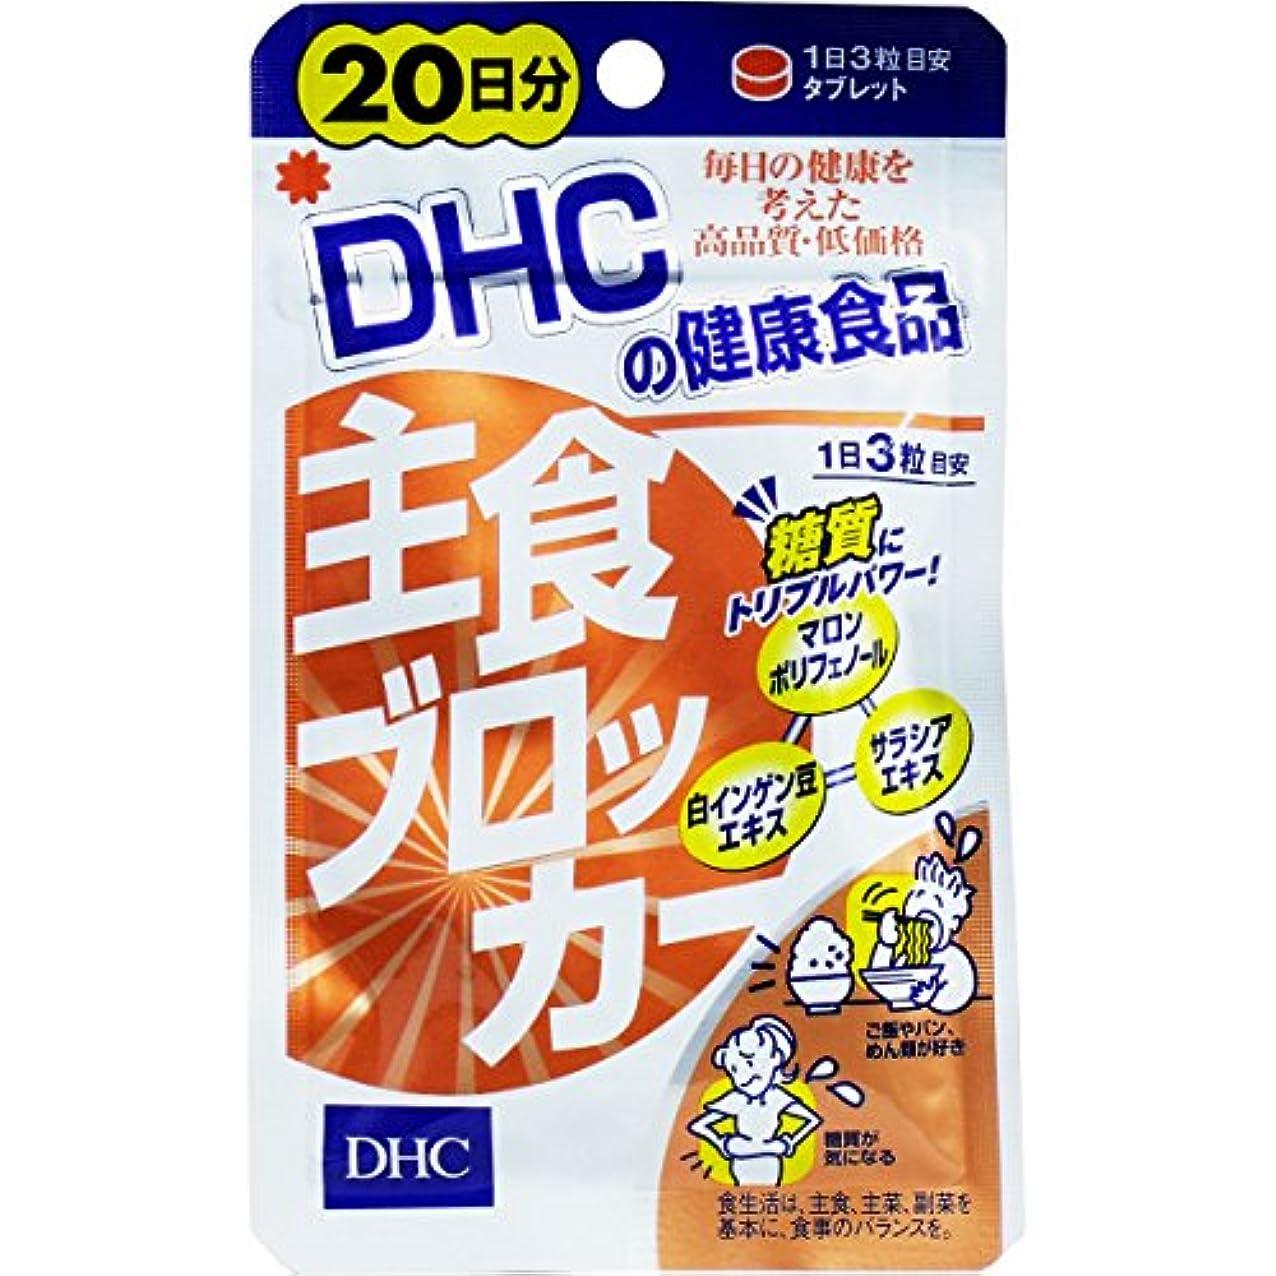 したがって軽量ハドルダイエット トリプルパワーでため込み対策 栄養機能食品 DHC 主食ブロッカー 20日分 60粒入【2個セット】